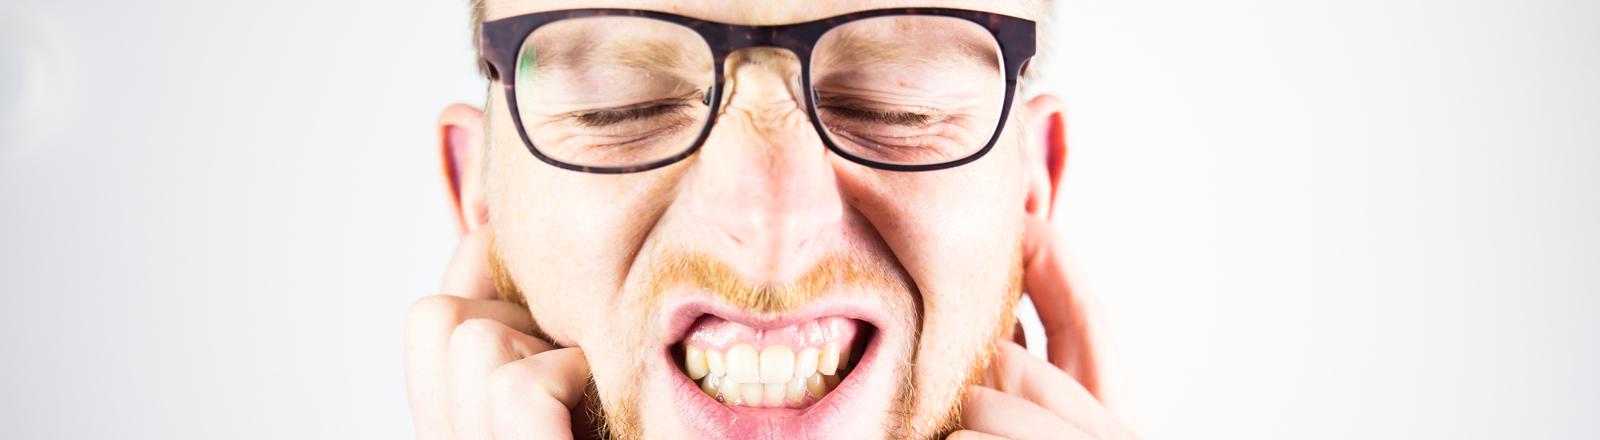 Ein Mann hält sich die Ohren zu und die Augen fest verschlossen